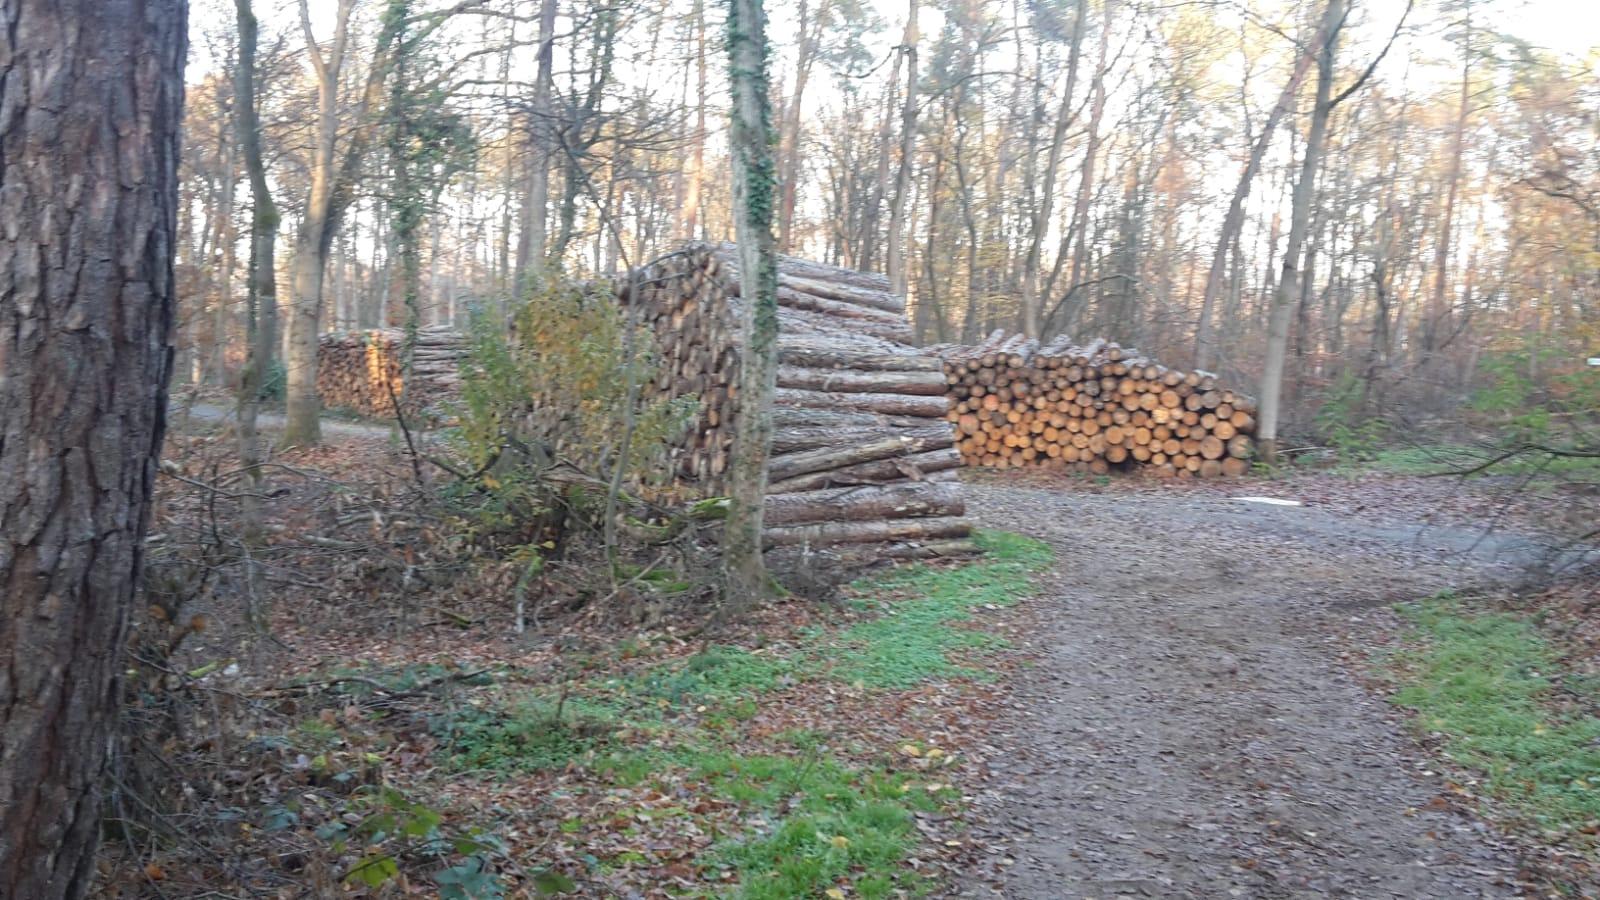 Einstmals dichter Wald verwandelt sich in Holzstapel am Wegesrand